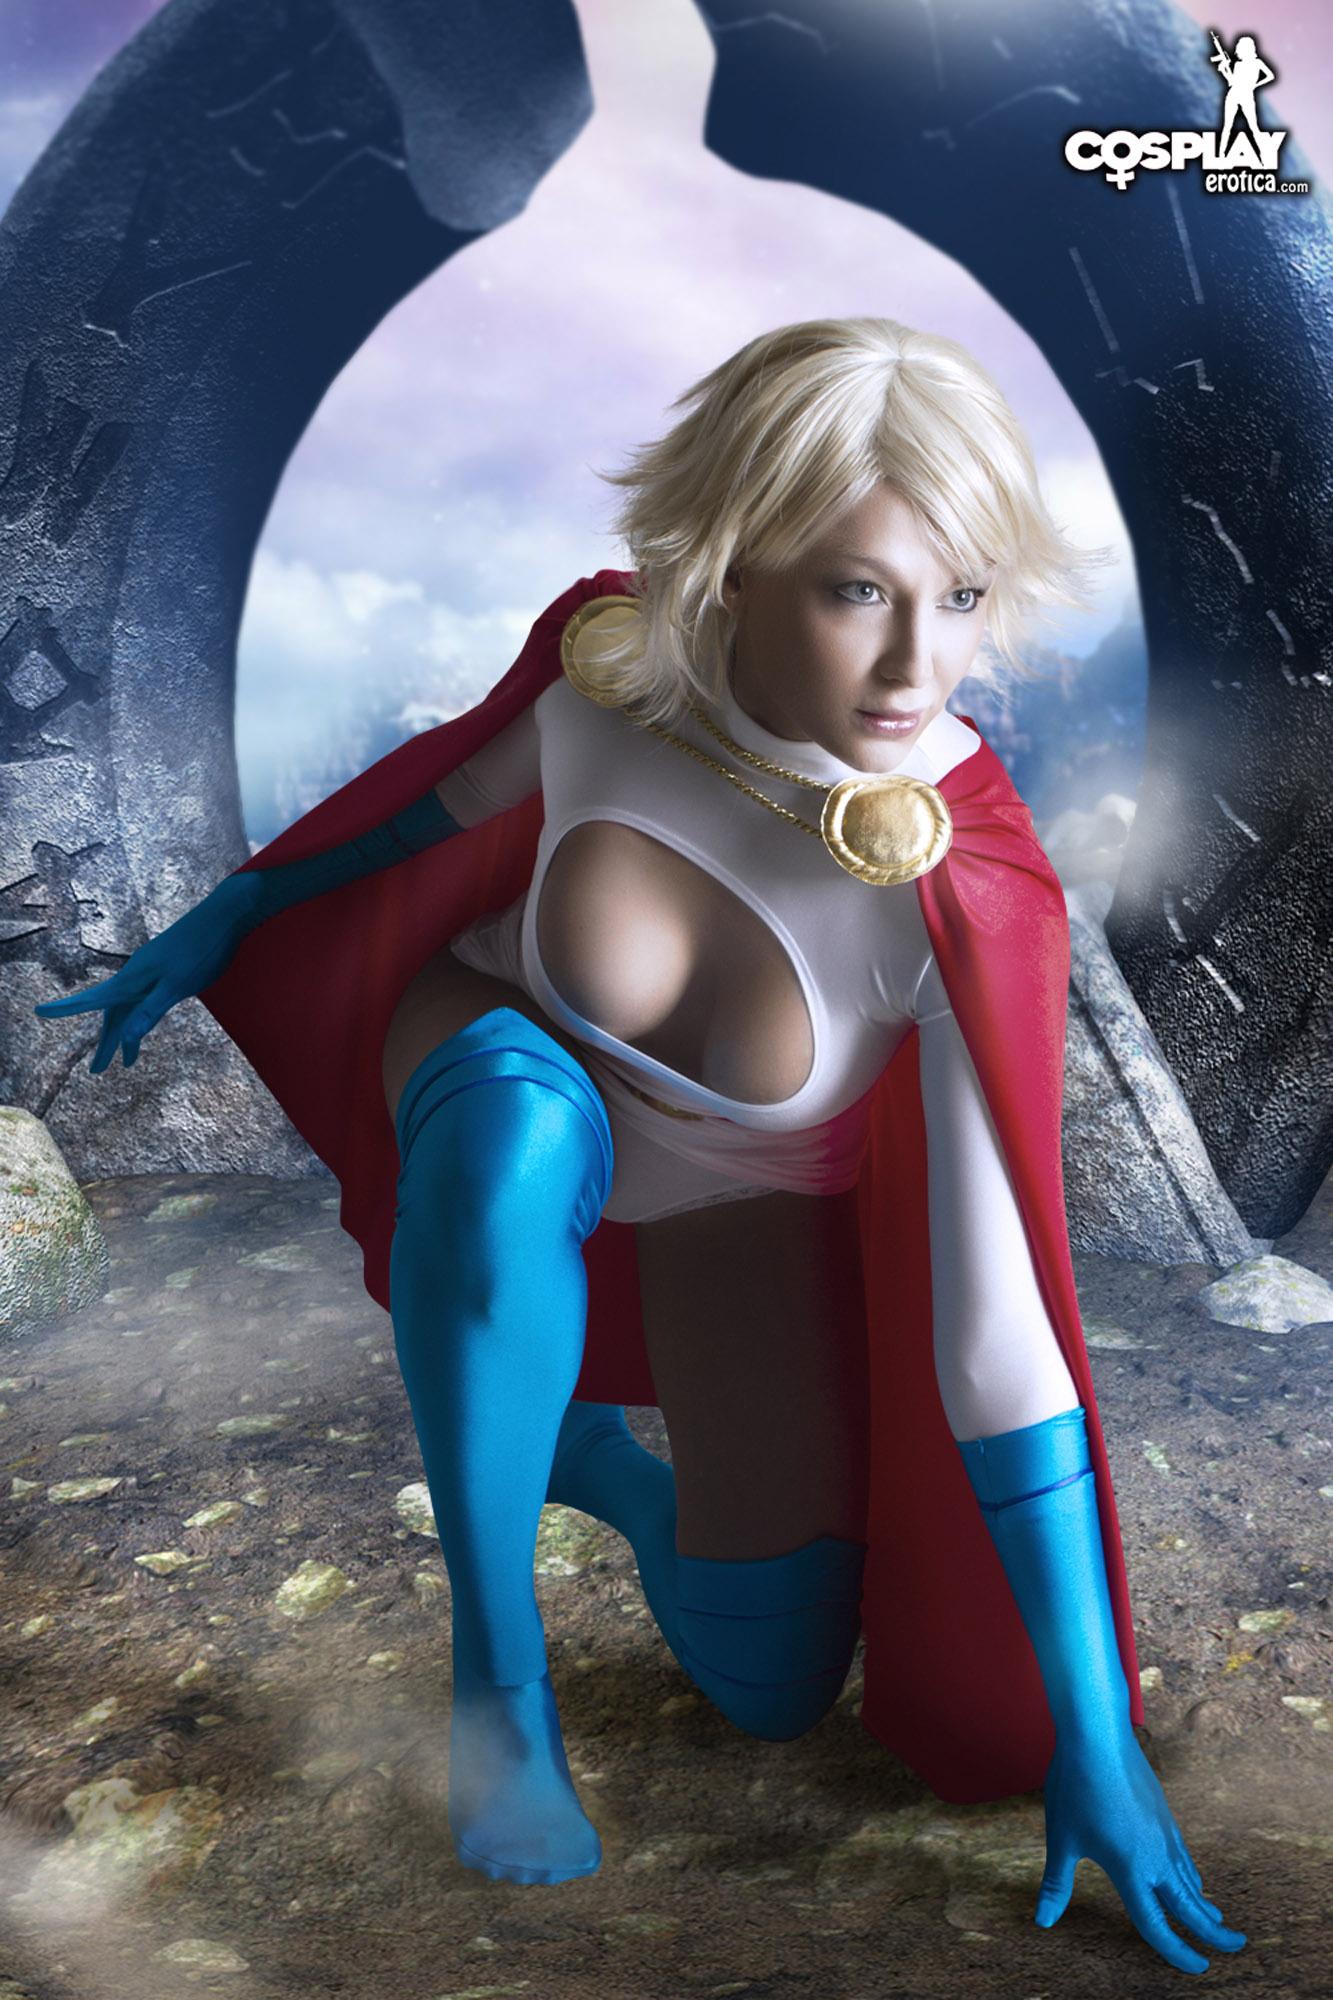 nudes super hero